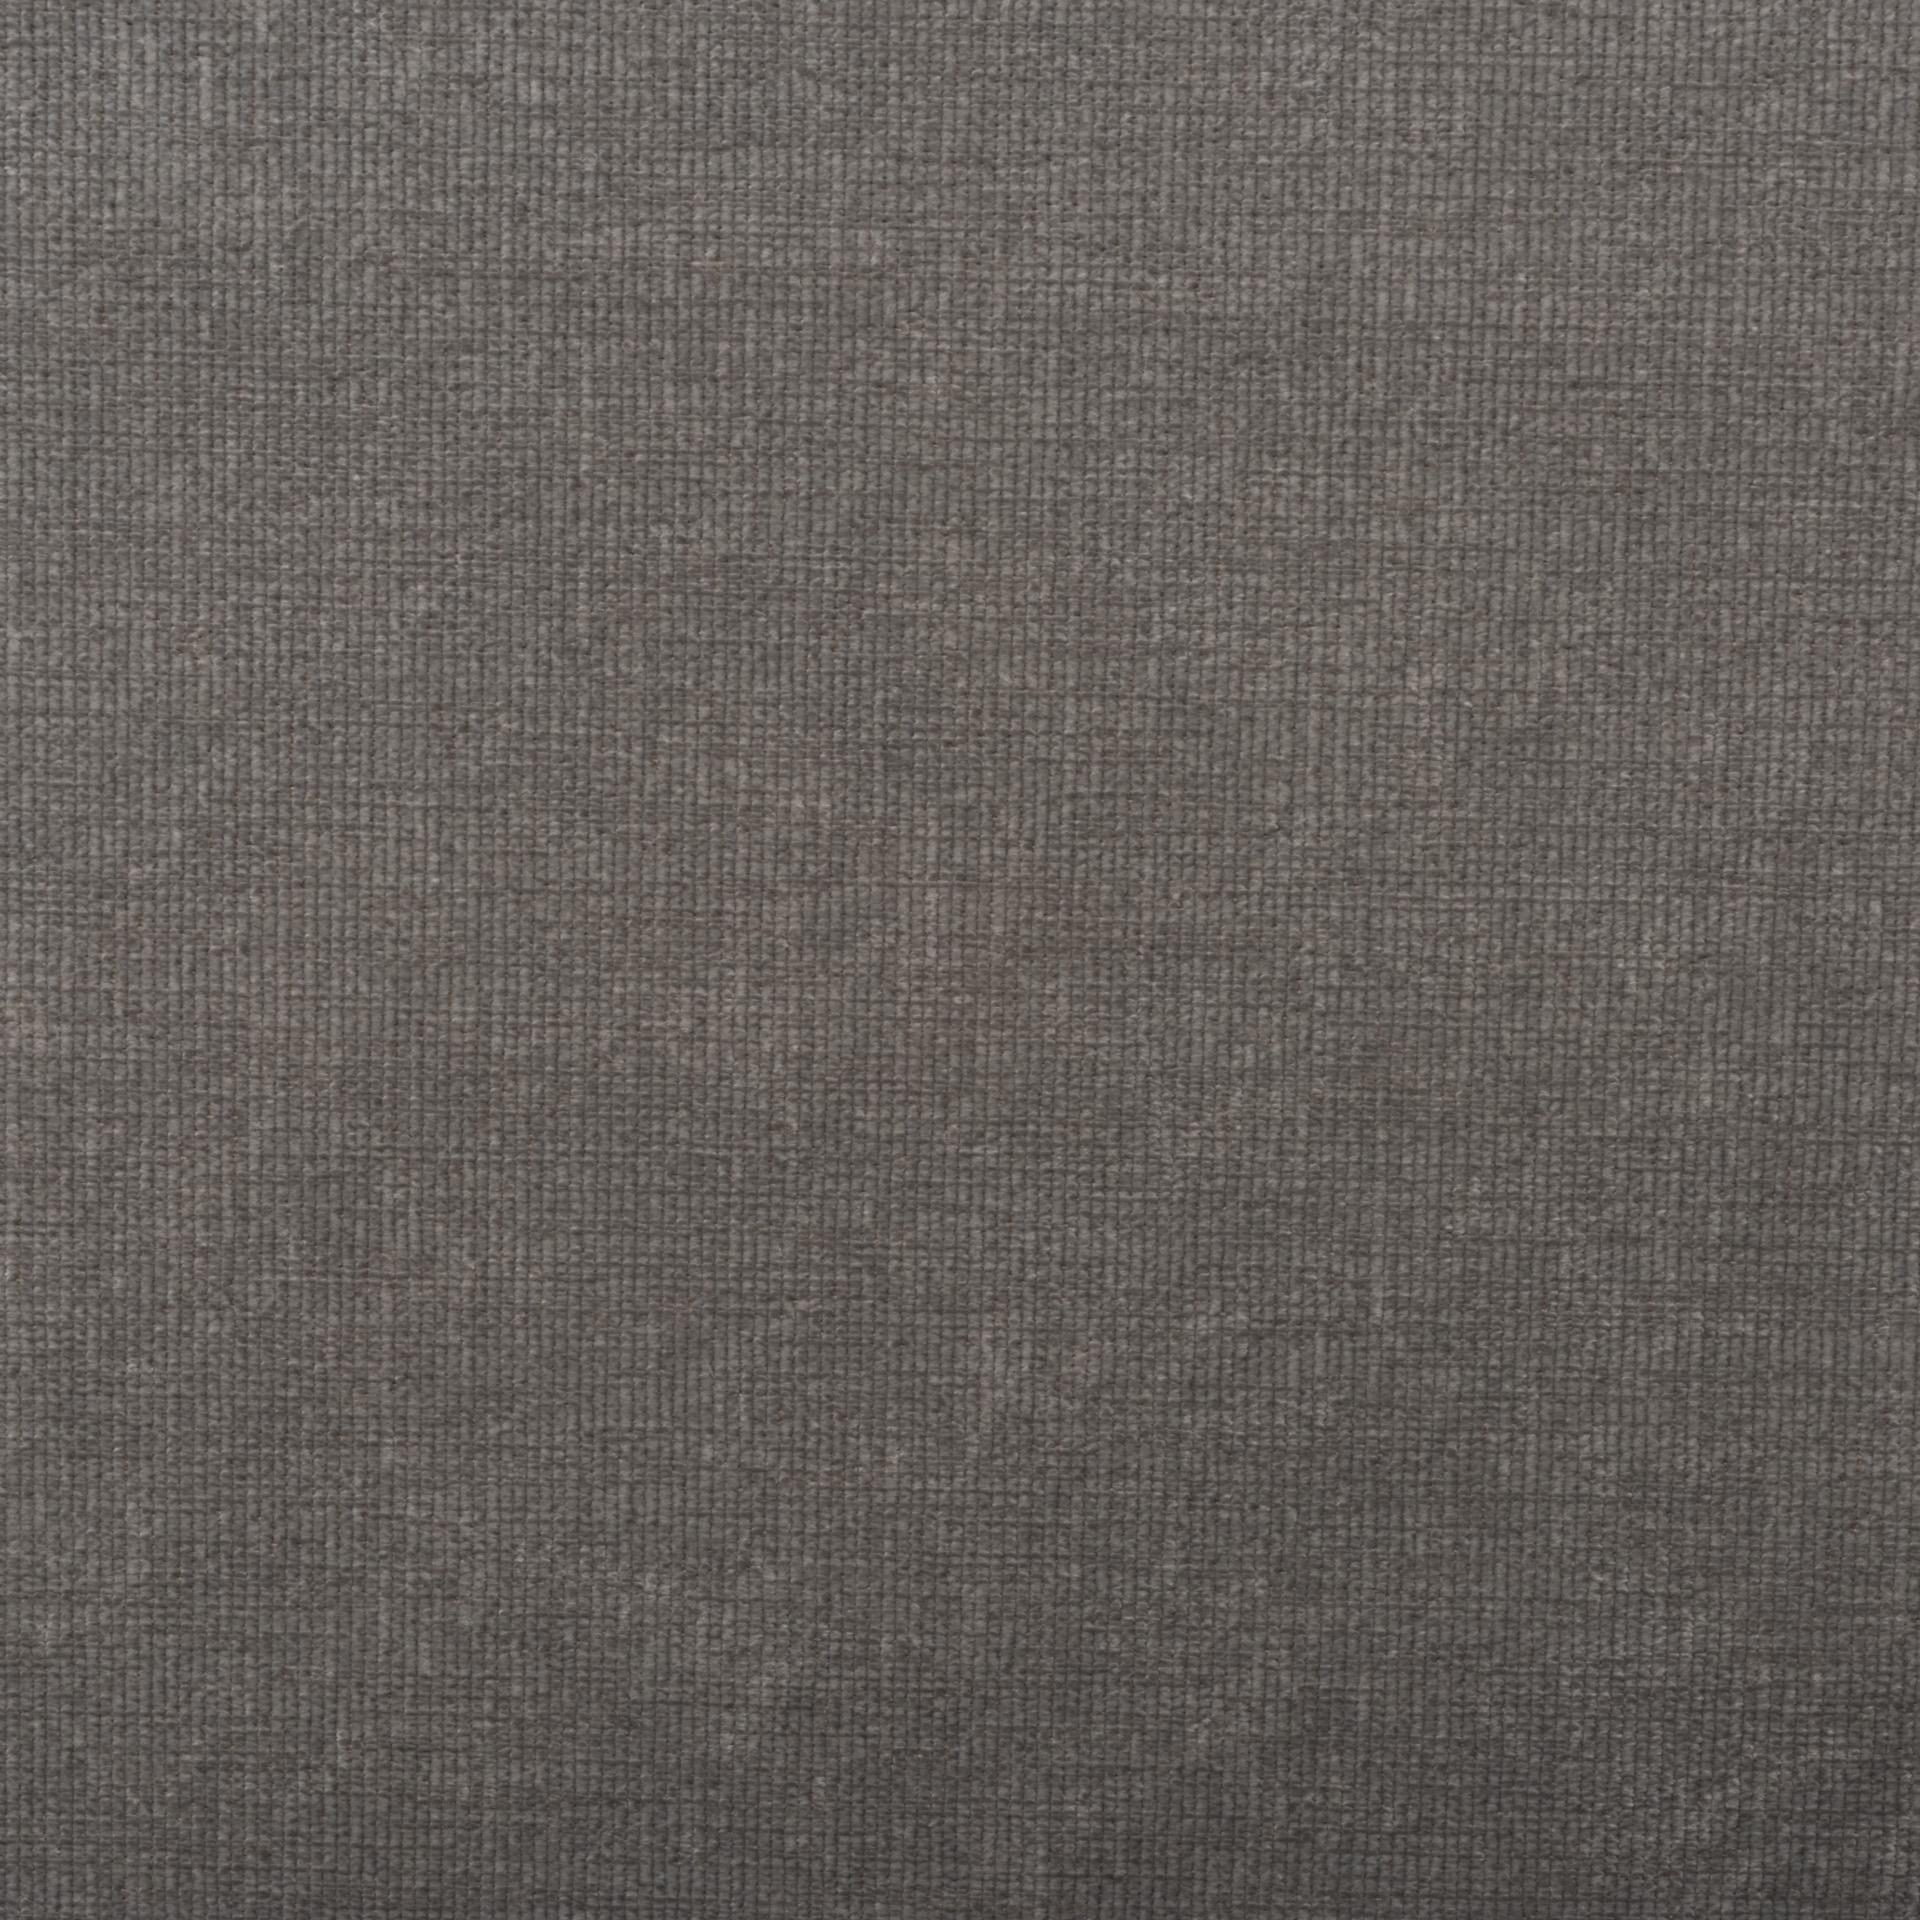 Коллекция ткани Кордрой 464,  купить ткань Велюр для мебели Украина